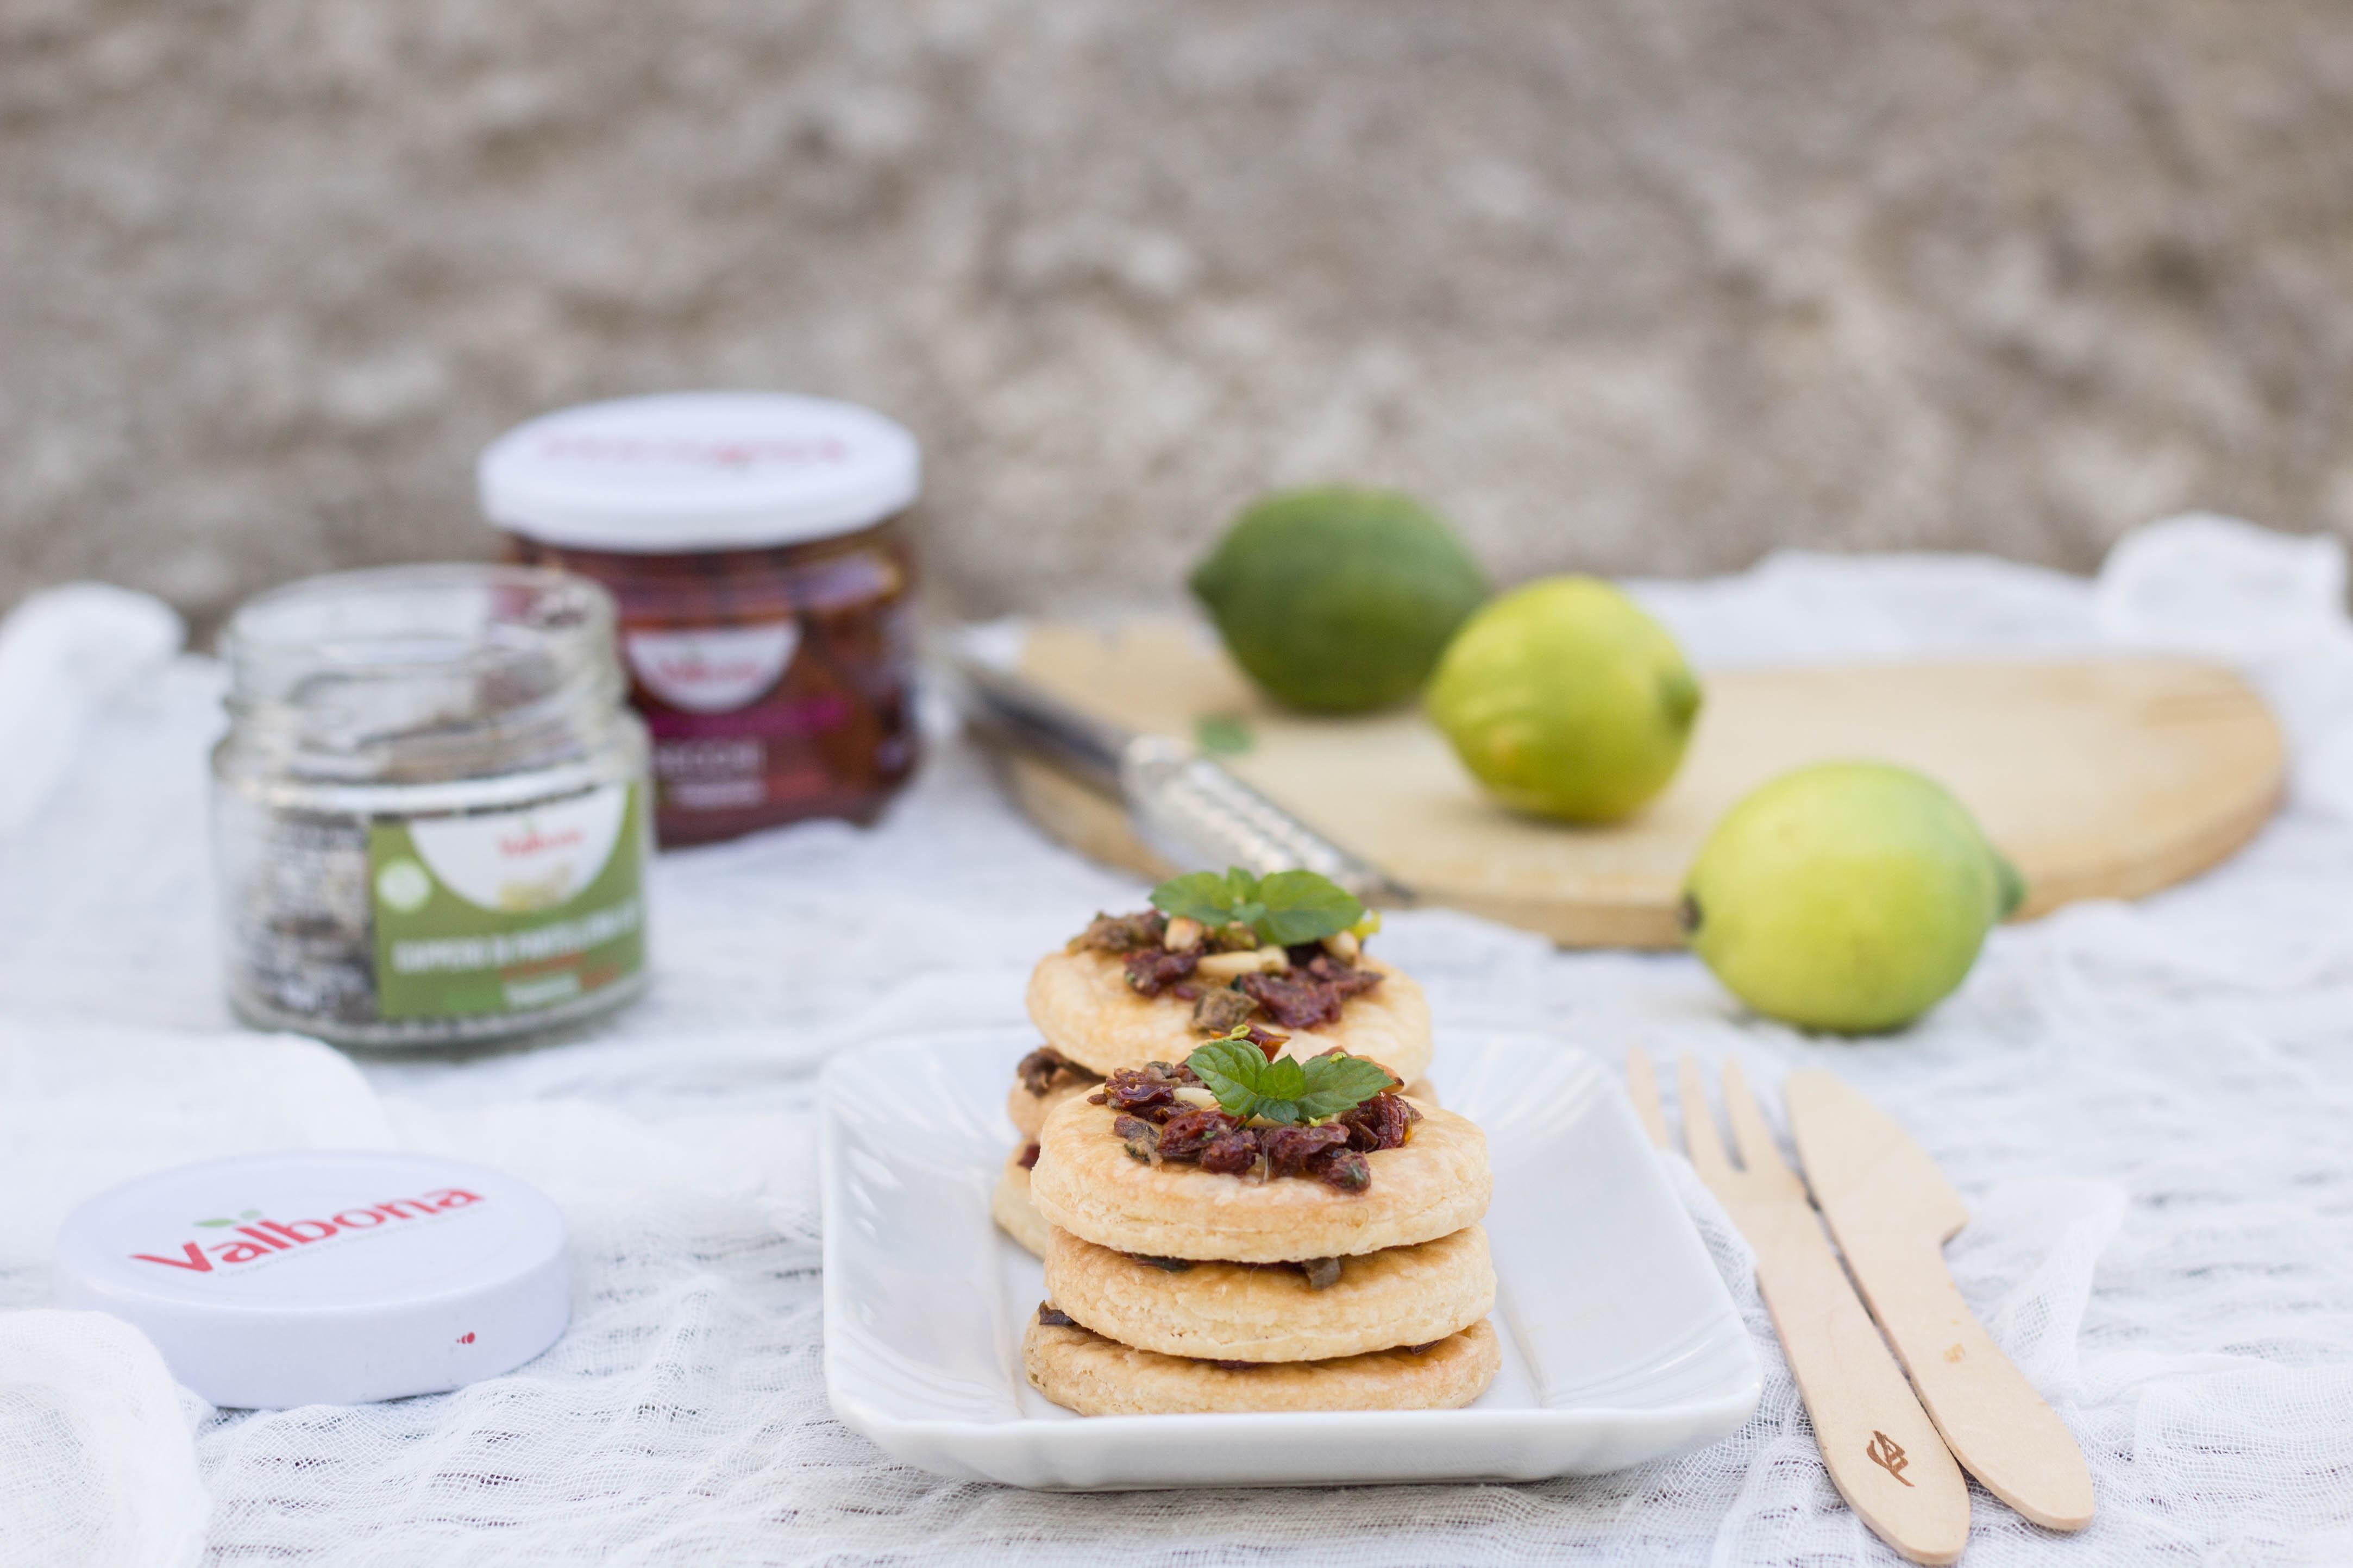 Millefoglie di finta sfoglia senza glutine con trito siciliano - Cardamomo & co